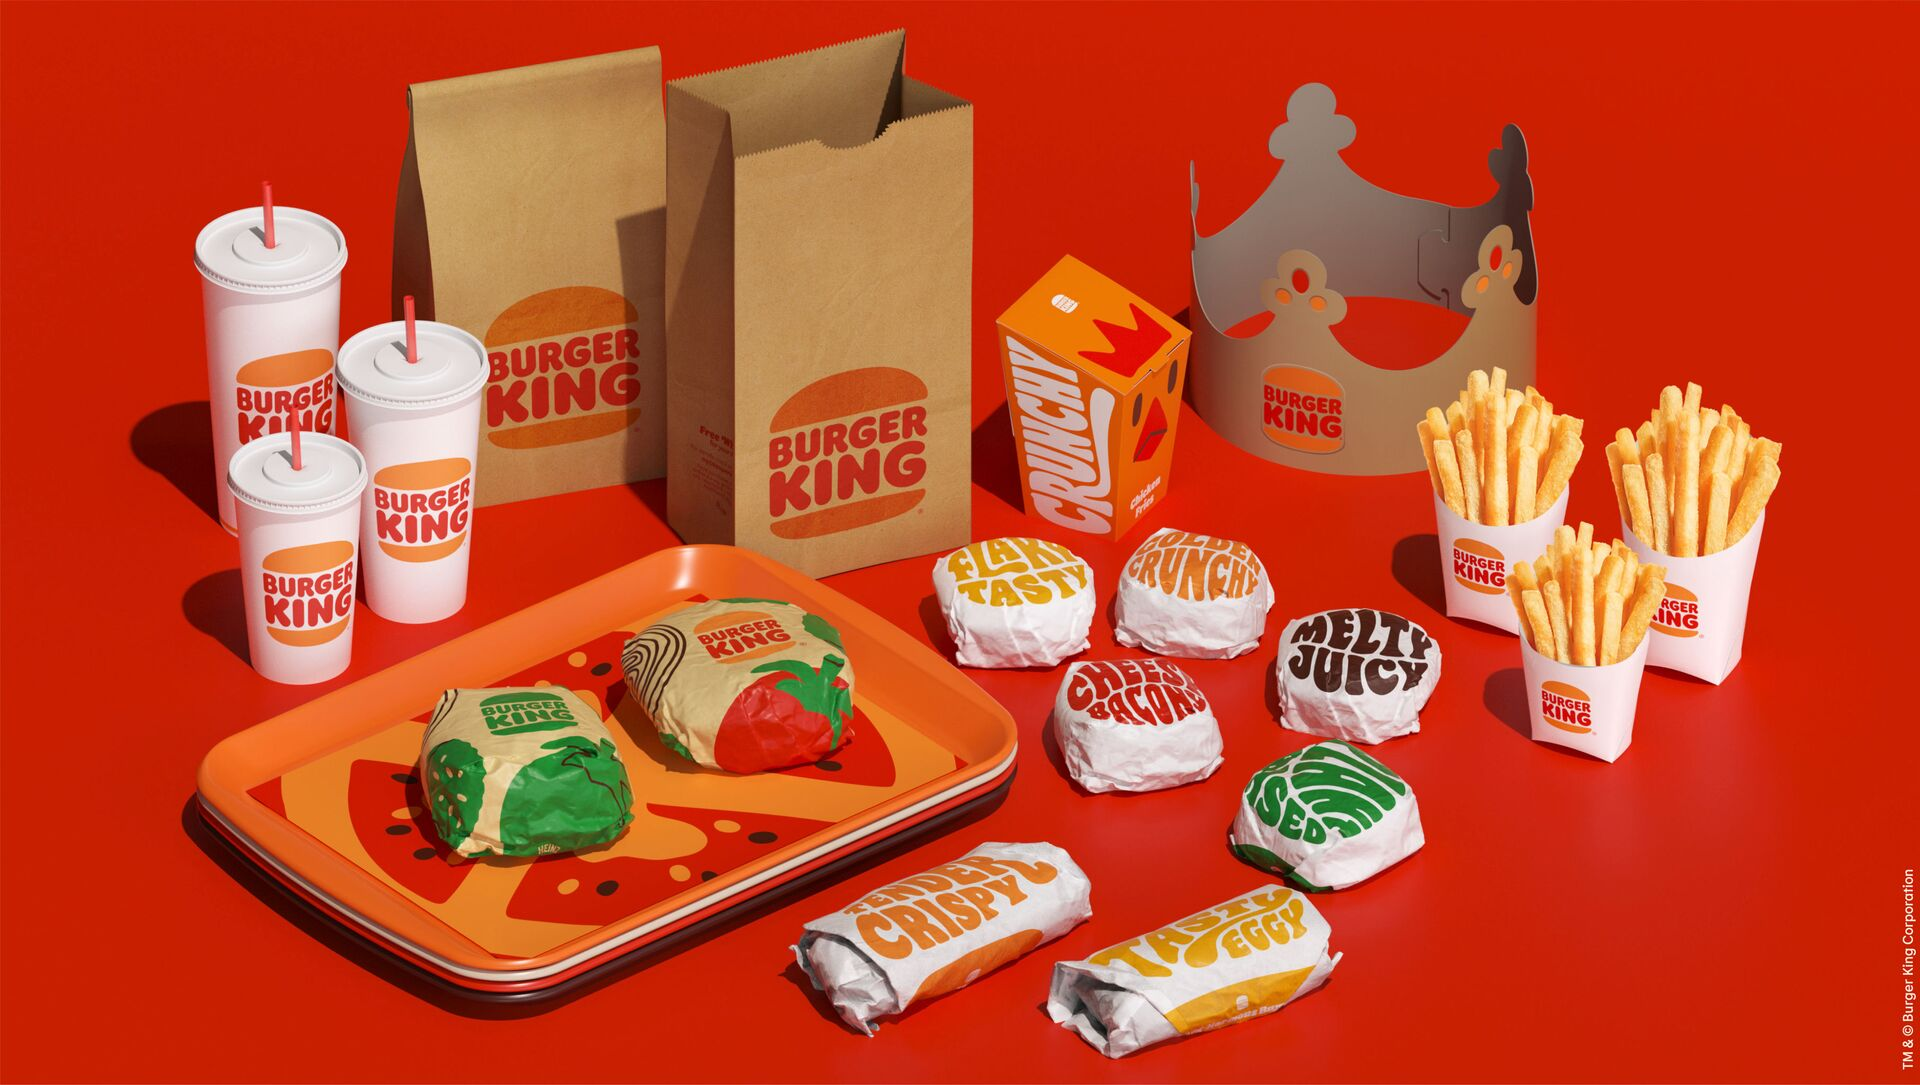 Burger King, 2021 yılında eski logosuna geri döndü. - Sputnik Türkiye, 1920, 29.07.2021